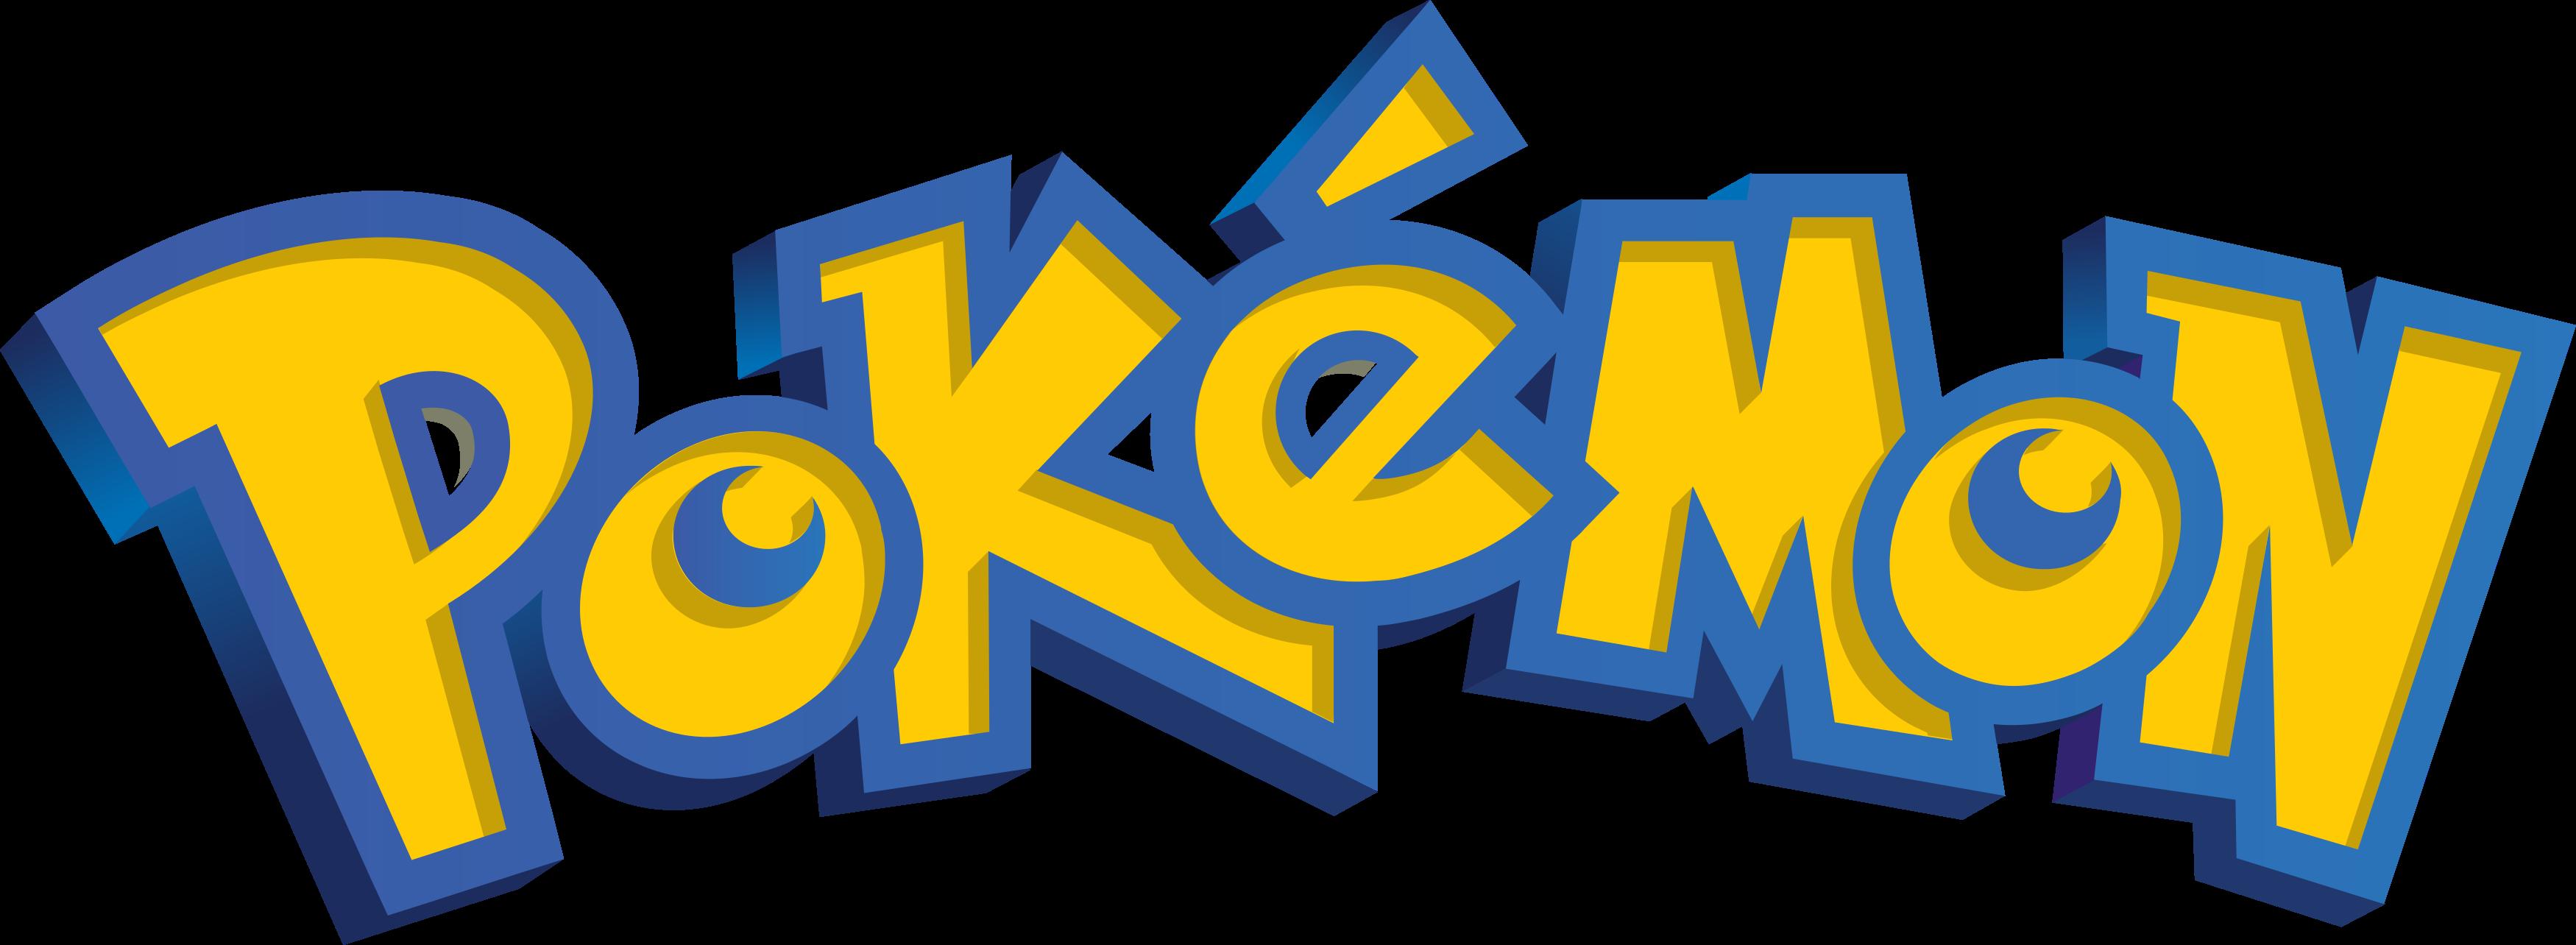 pokemon logo - Pokémon Logo